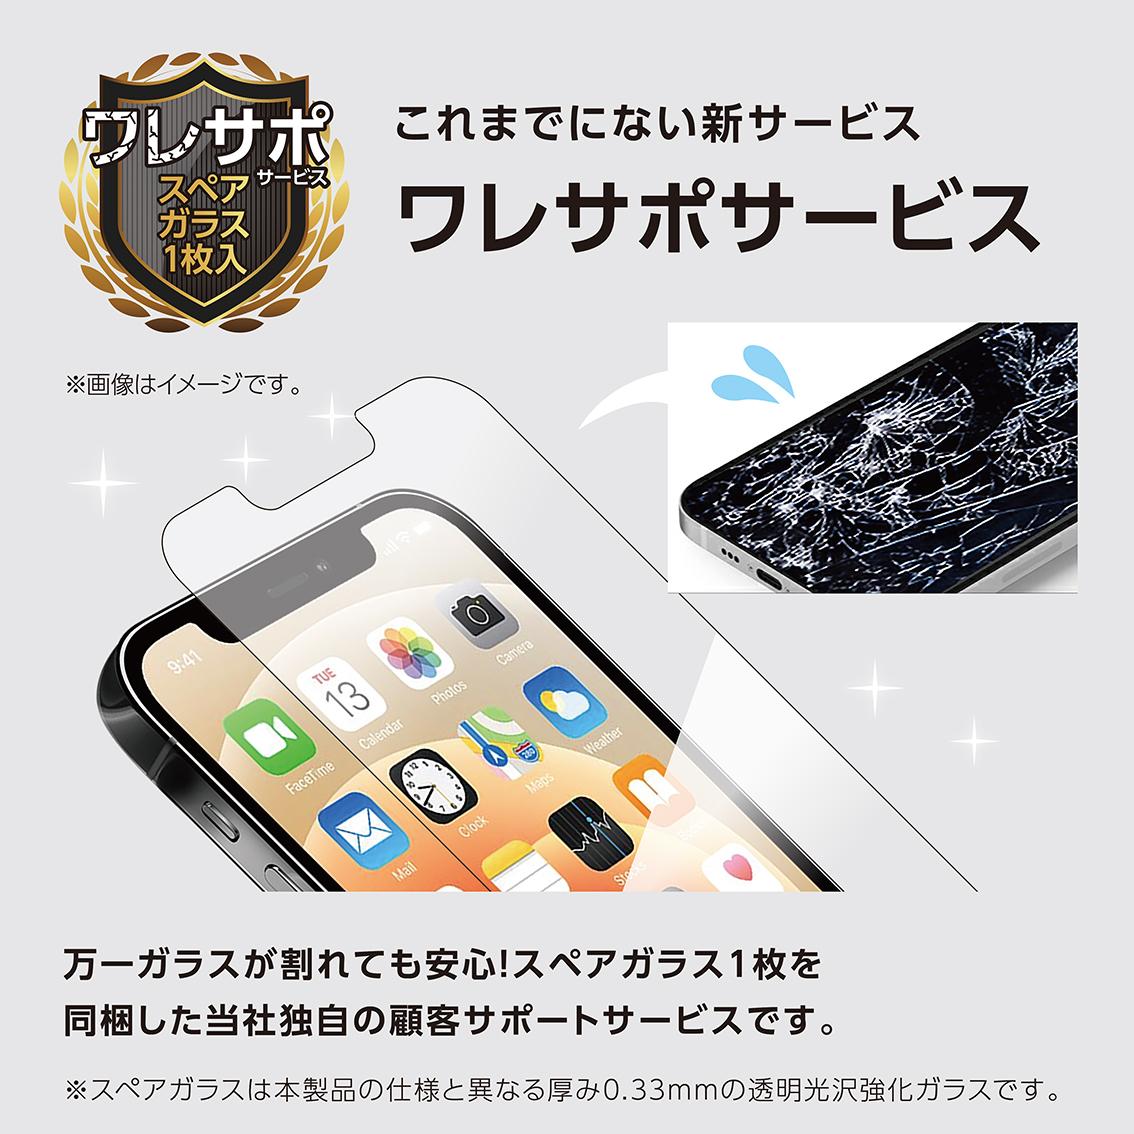 [iPhone 13/13 Pro専用]CRYSTAL ARMOR クリスタルアーマー PAPER THIN ゴリラガラス製 ラウンドエッジ            覗き見防止 抗菌・耐衝撃 強化ガラス 0.15mm iPhone13 保護フィルム